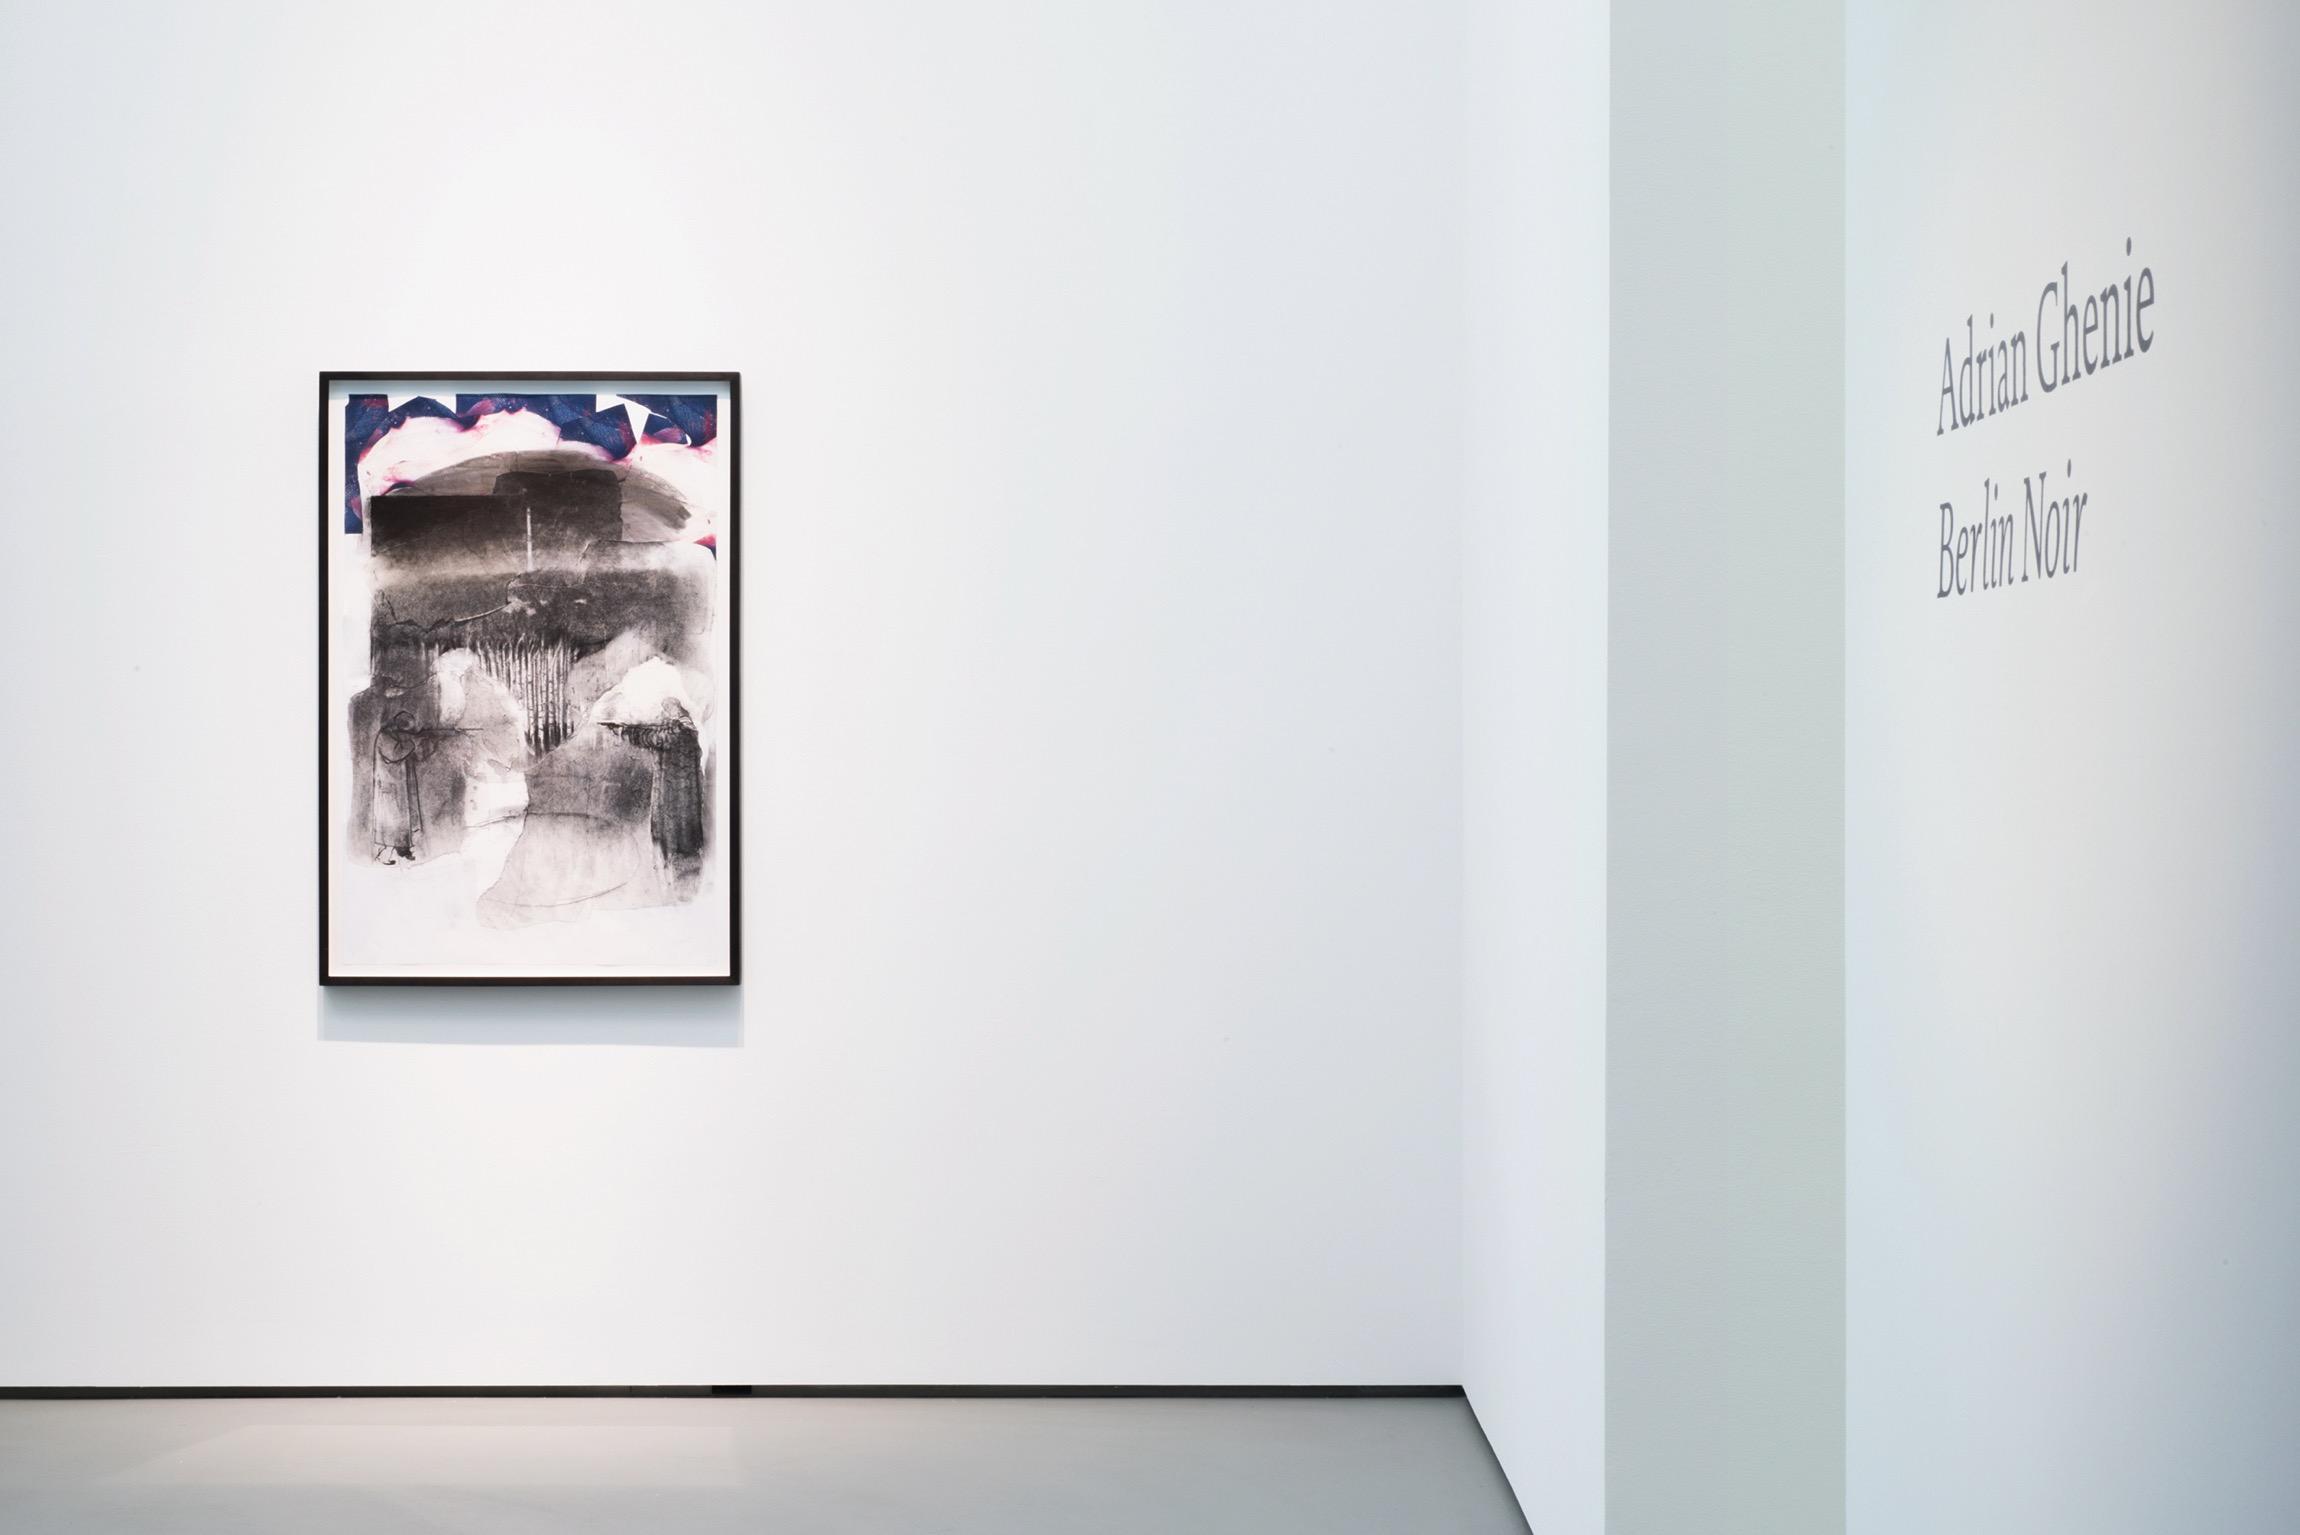 2014 Adrian Ghenie Berlin Noir